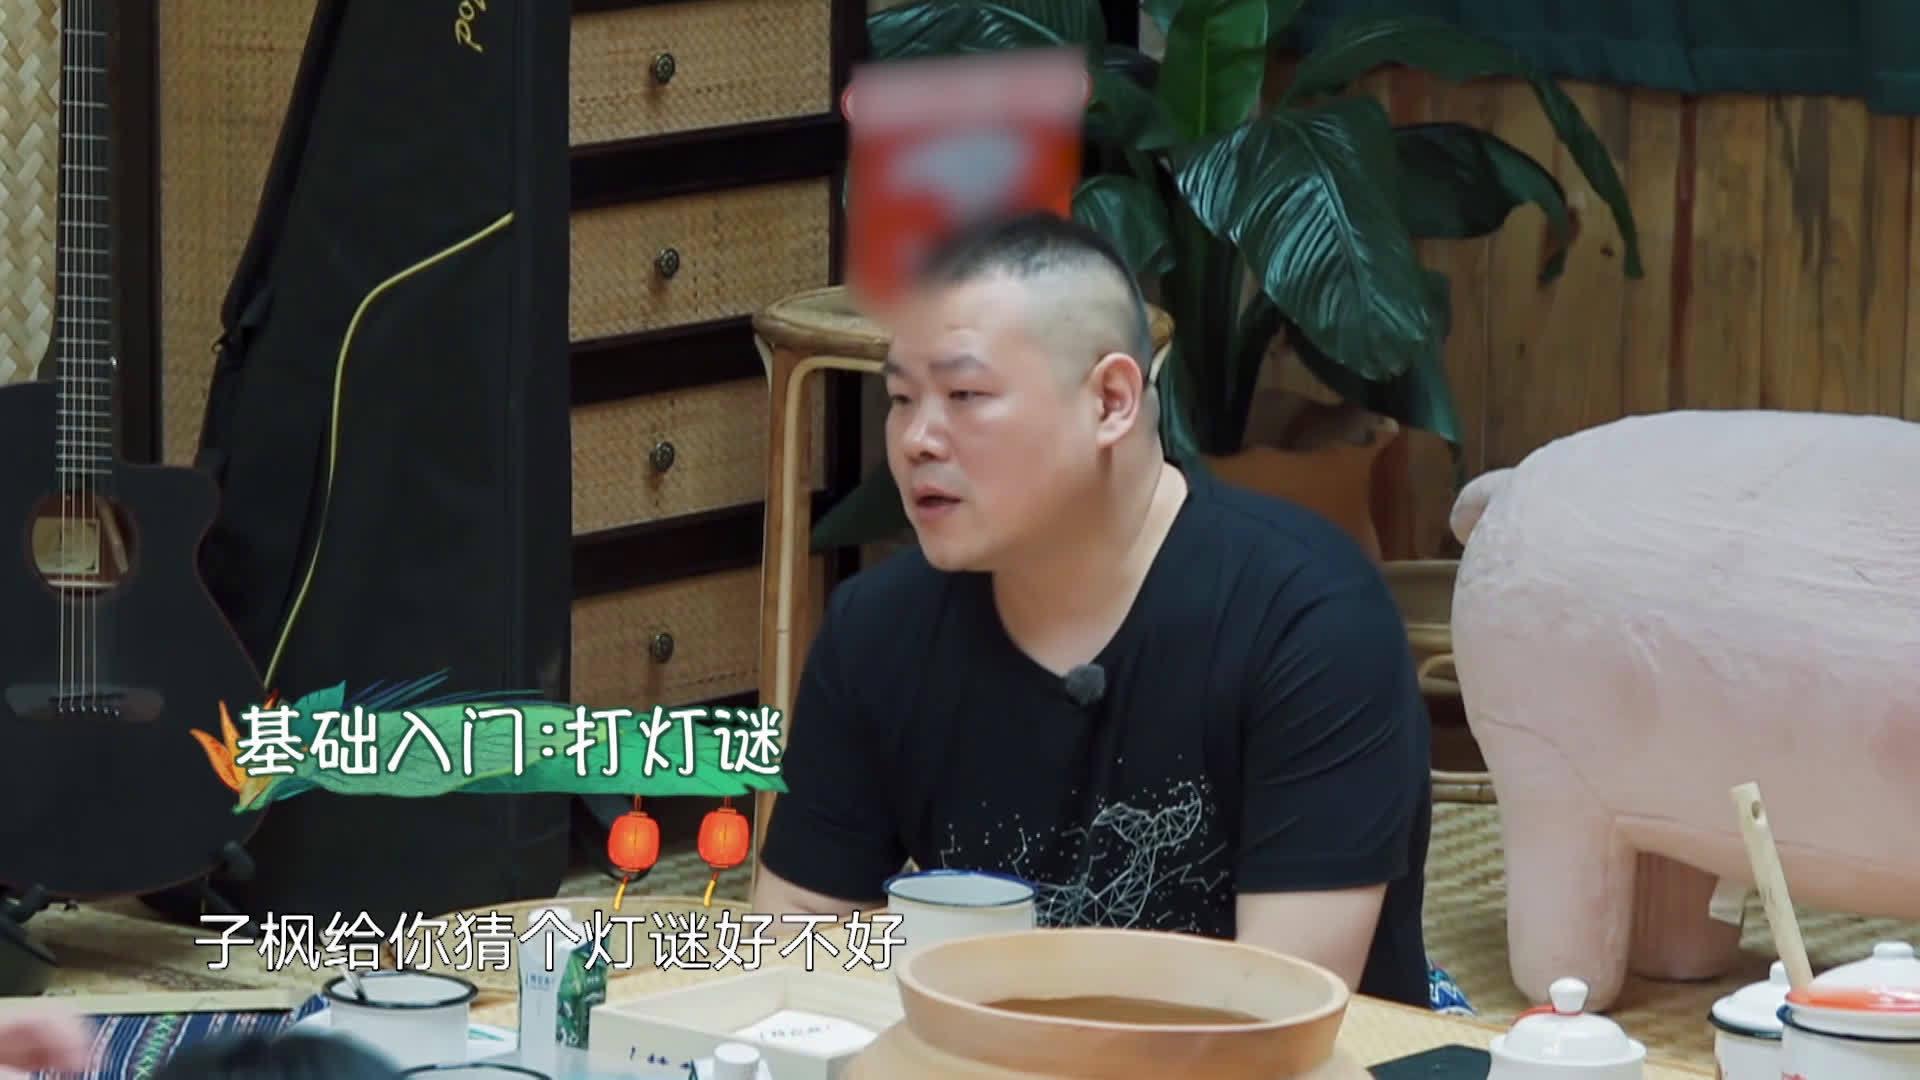 德云社开分社啦!三位苗苗班选手——何炅、彭昱畅、张子枫……